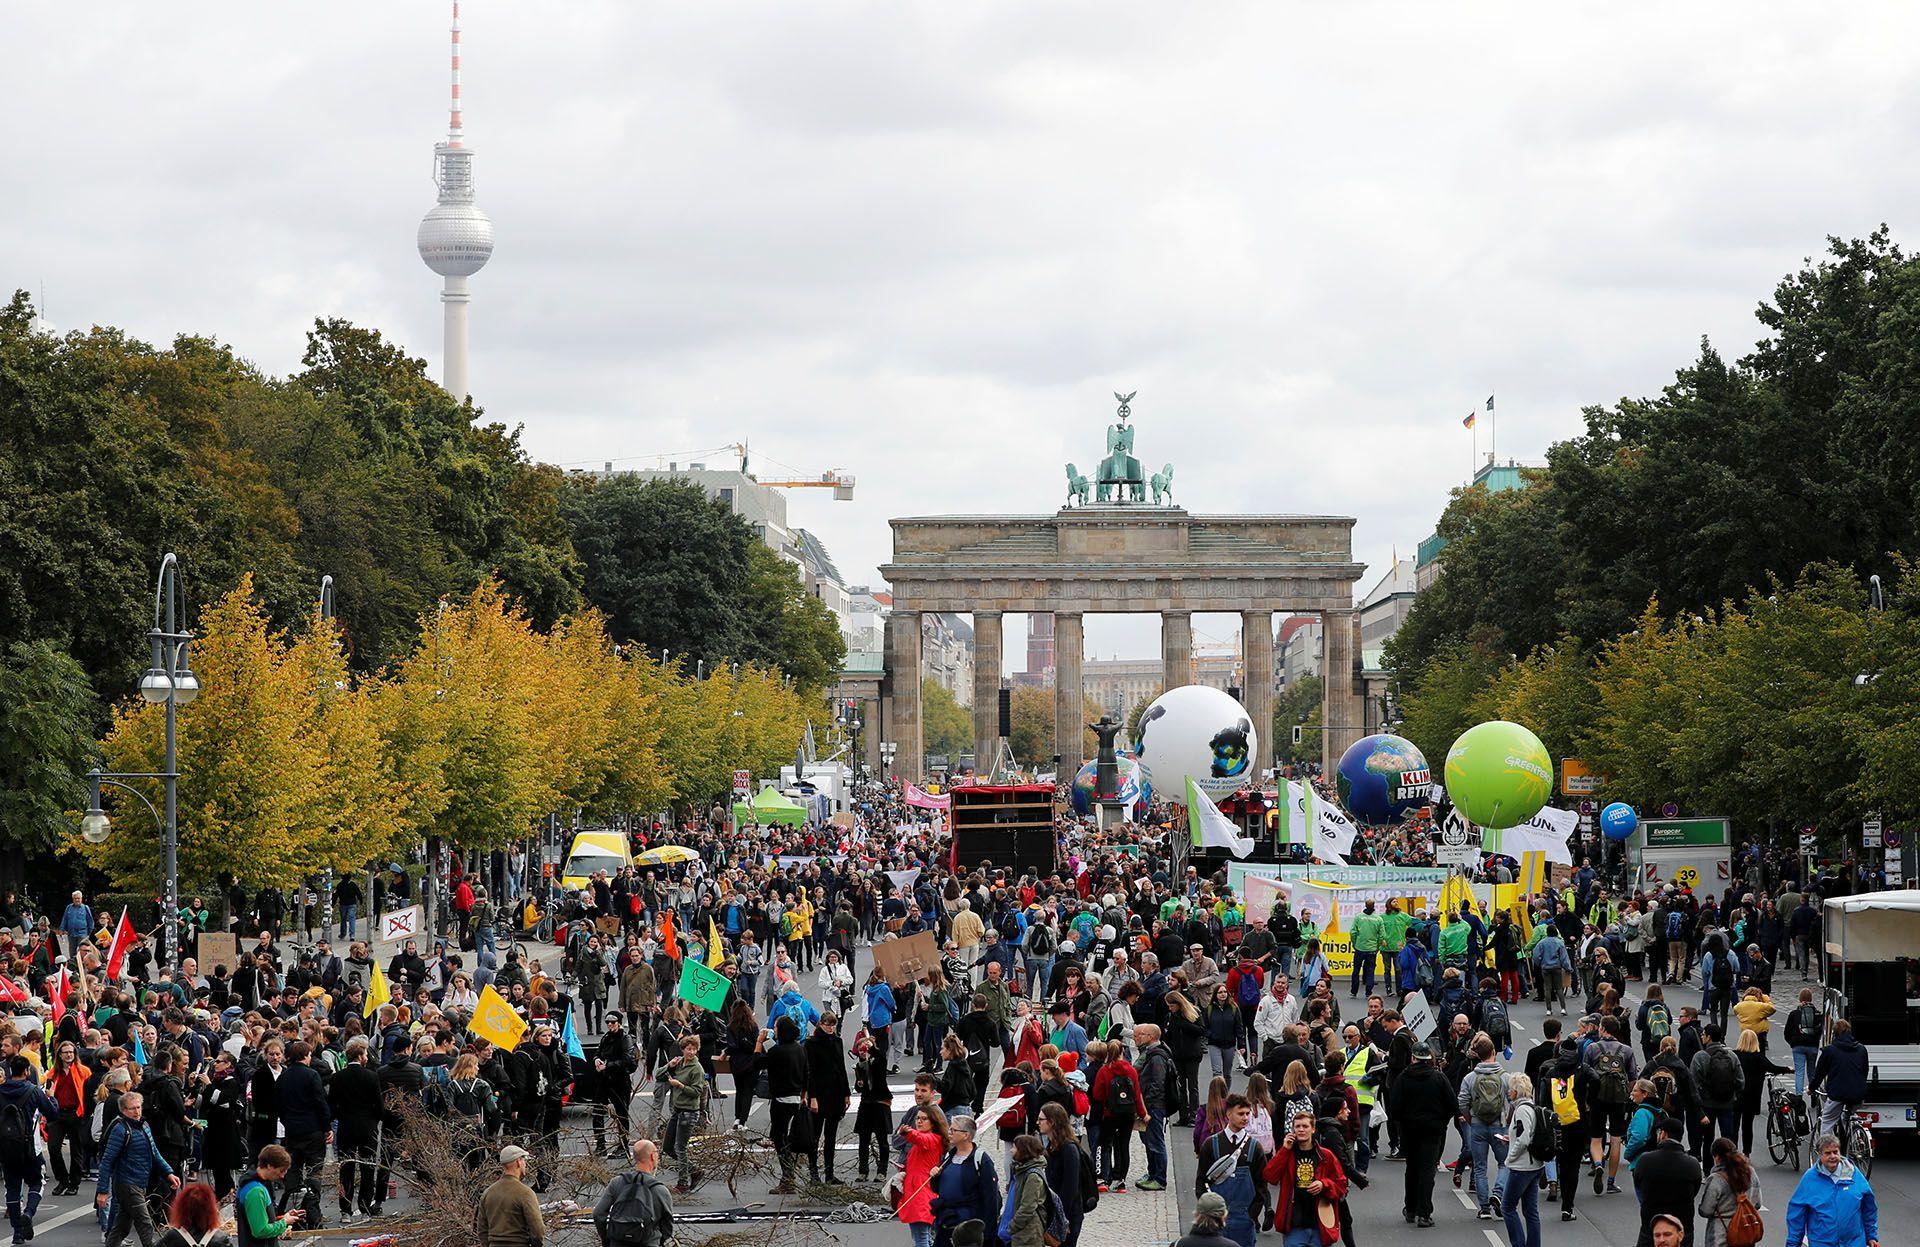 La gente se reúne frente a la Puerta de Brandenburgo para participar en la Huelga Climática Global del movimiento Viernes por el Futuro, en Berlín, Alemania, el 20 de septiembre de 2019 (REUTERS/Fabrizio Bensch)